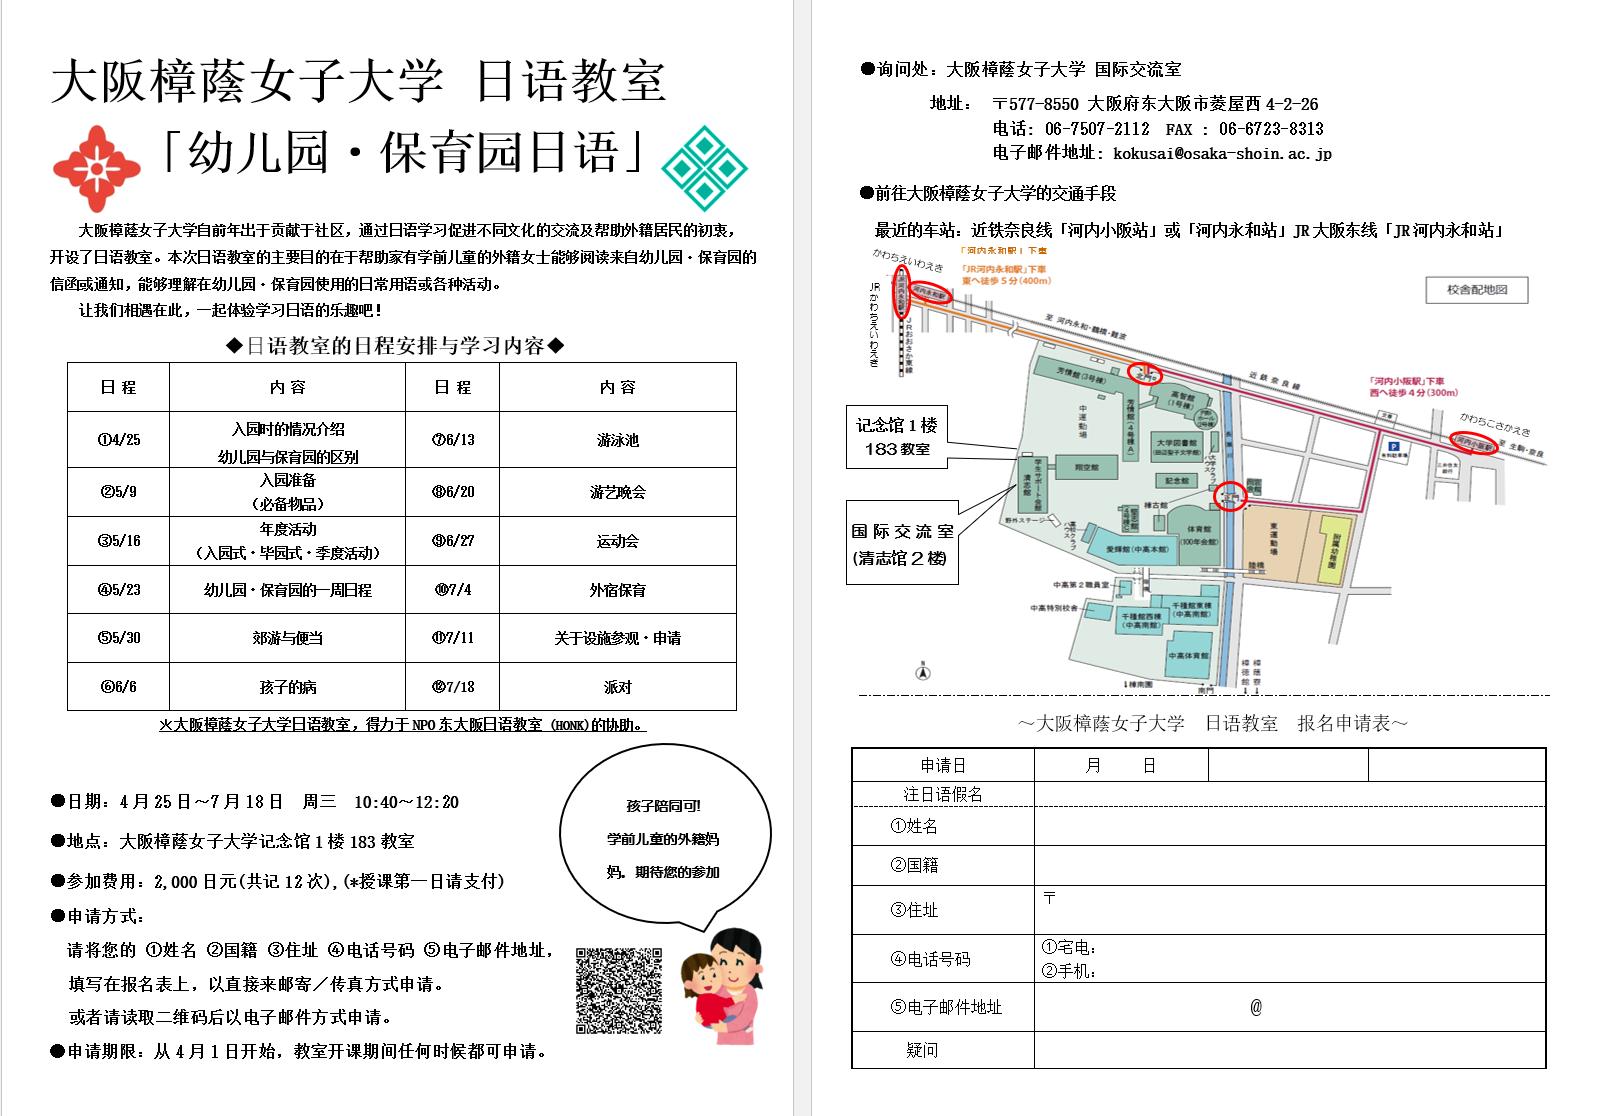 幼儿园·保育园日语_e0175020_23593558.png